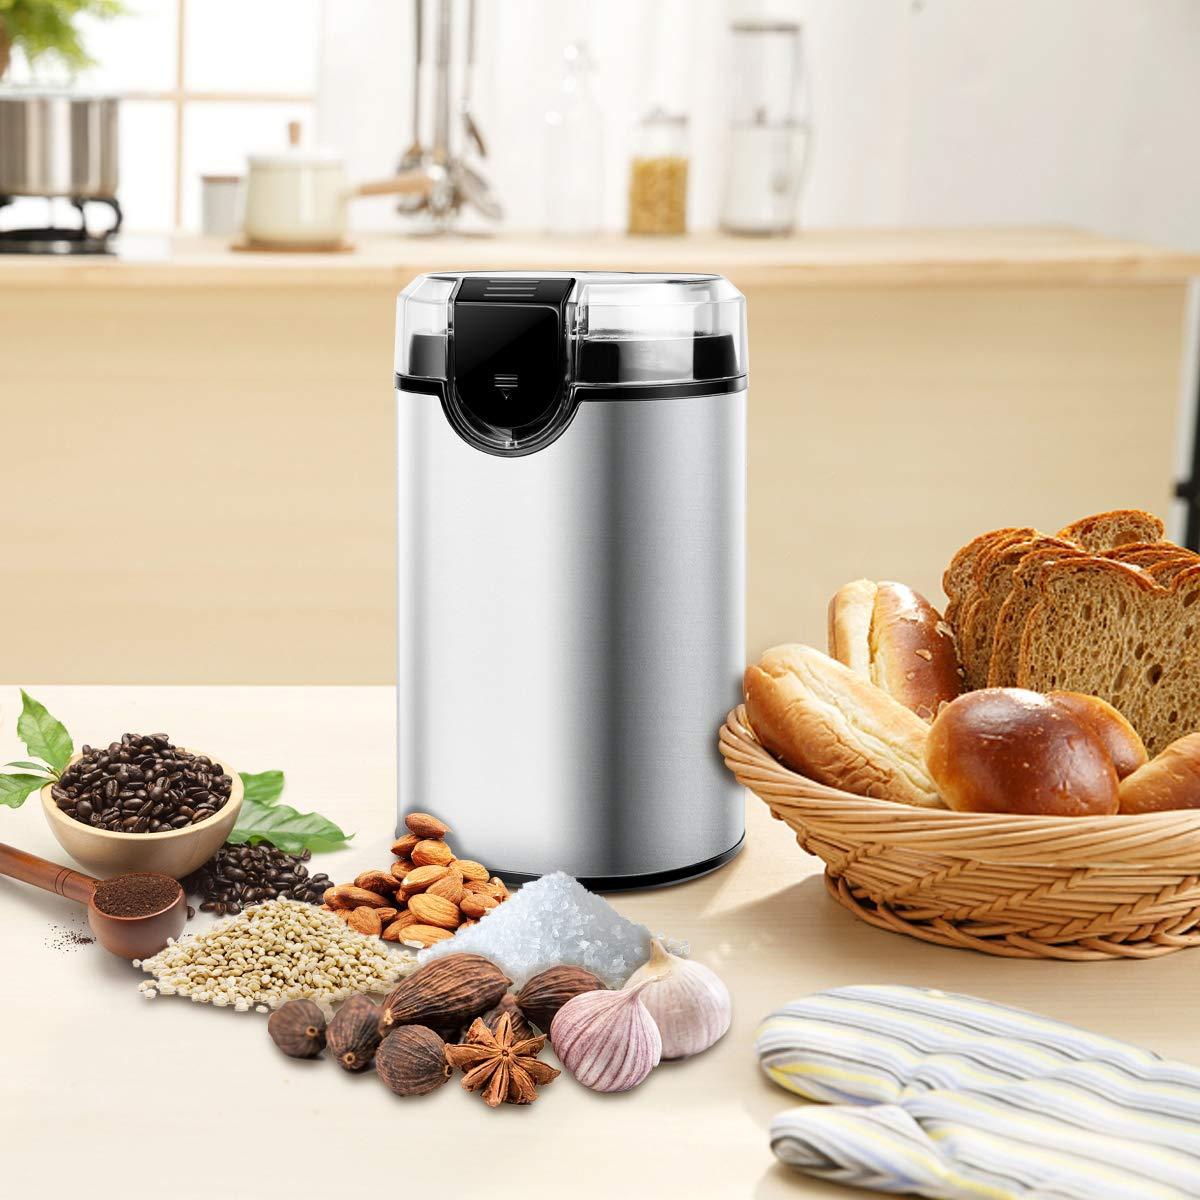 Morpilot Moulin à Café Électrique 150W,Broyeur Simple à Graines de Café ,Soja , Poivre, Épices, 75 g de Capacité et Lames en acier inoxydable 304.